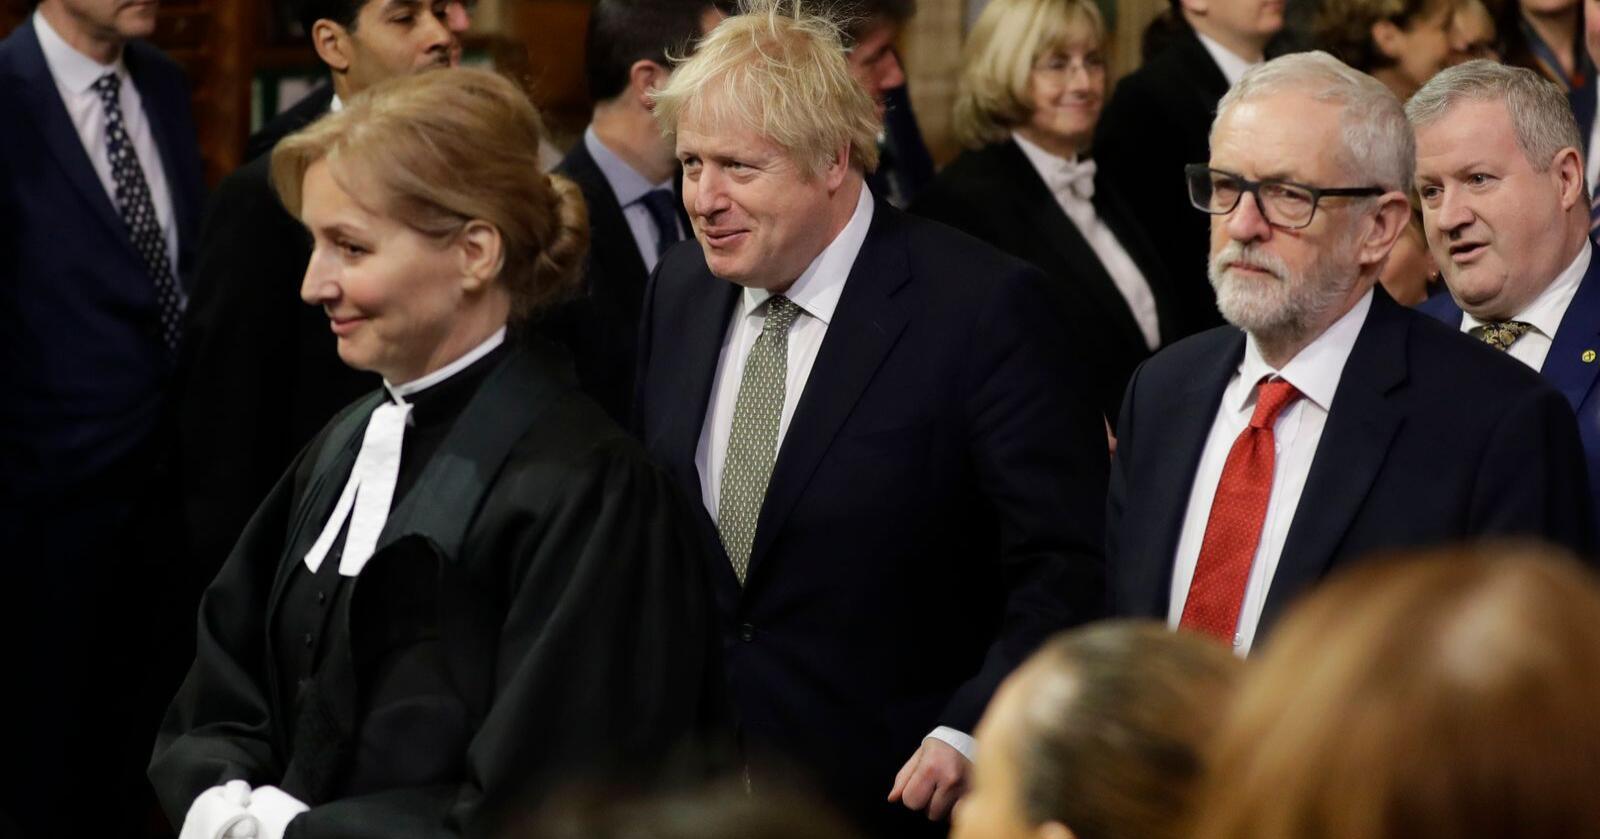 Statsminister Boris Johnson (i midten), her sammen med Labour-leder Jeremy Corbyn under åpningen av Parlamentet torsdag, vil komme i gang med brexitprosessen igjen fredag. Foto: Kirsty Wigglesworth / AP / NTB scanpix